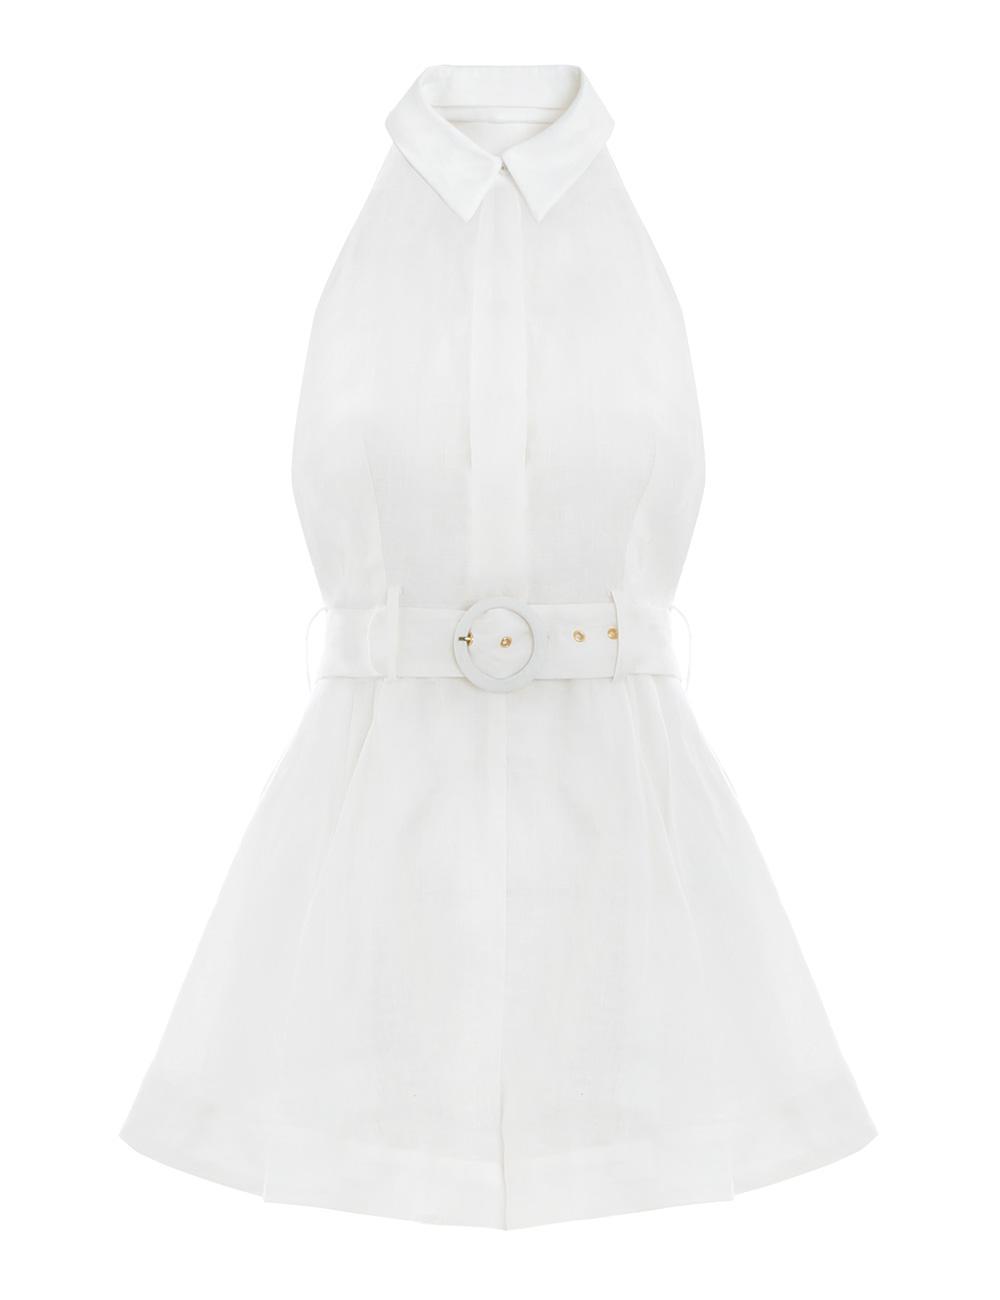 fad182478db Lyst - Zimmermann Primrose Halter Playsuit in White